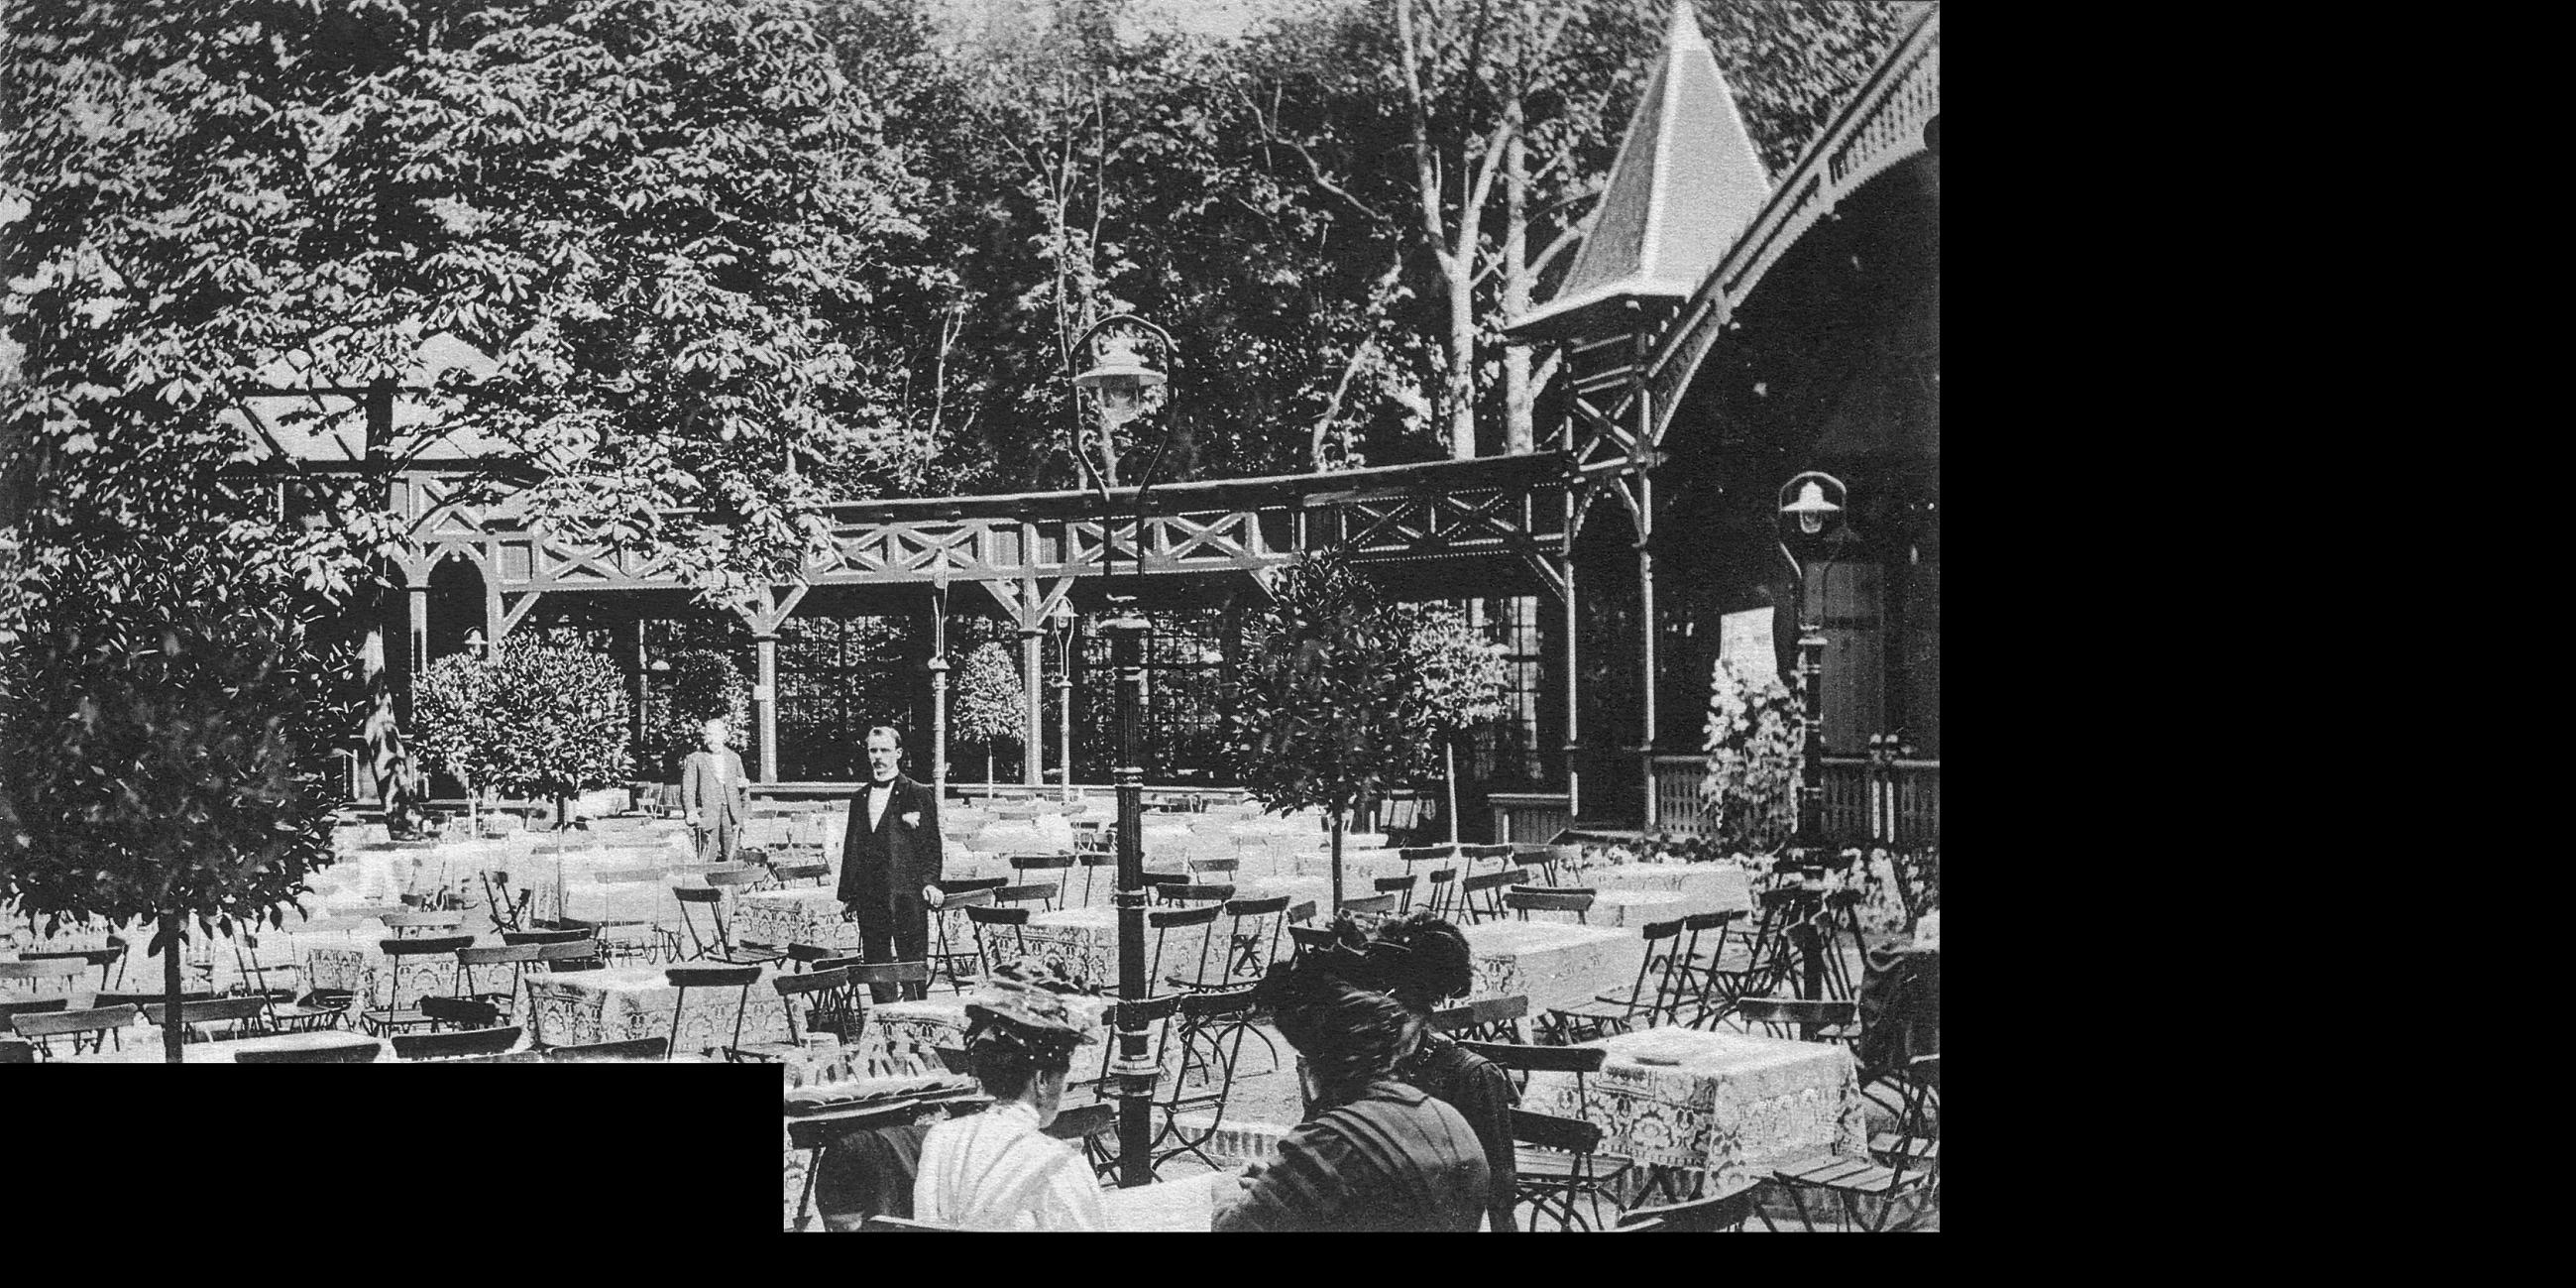 Cafehausgarten, Pagode